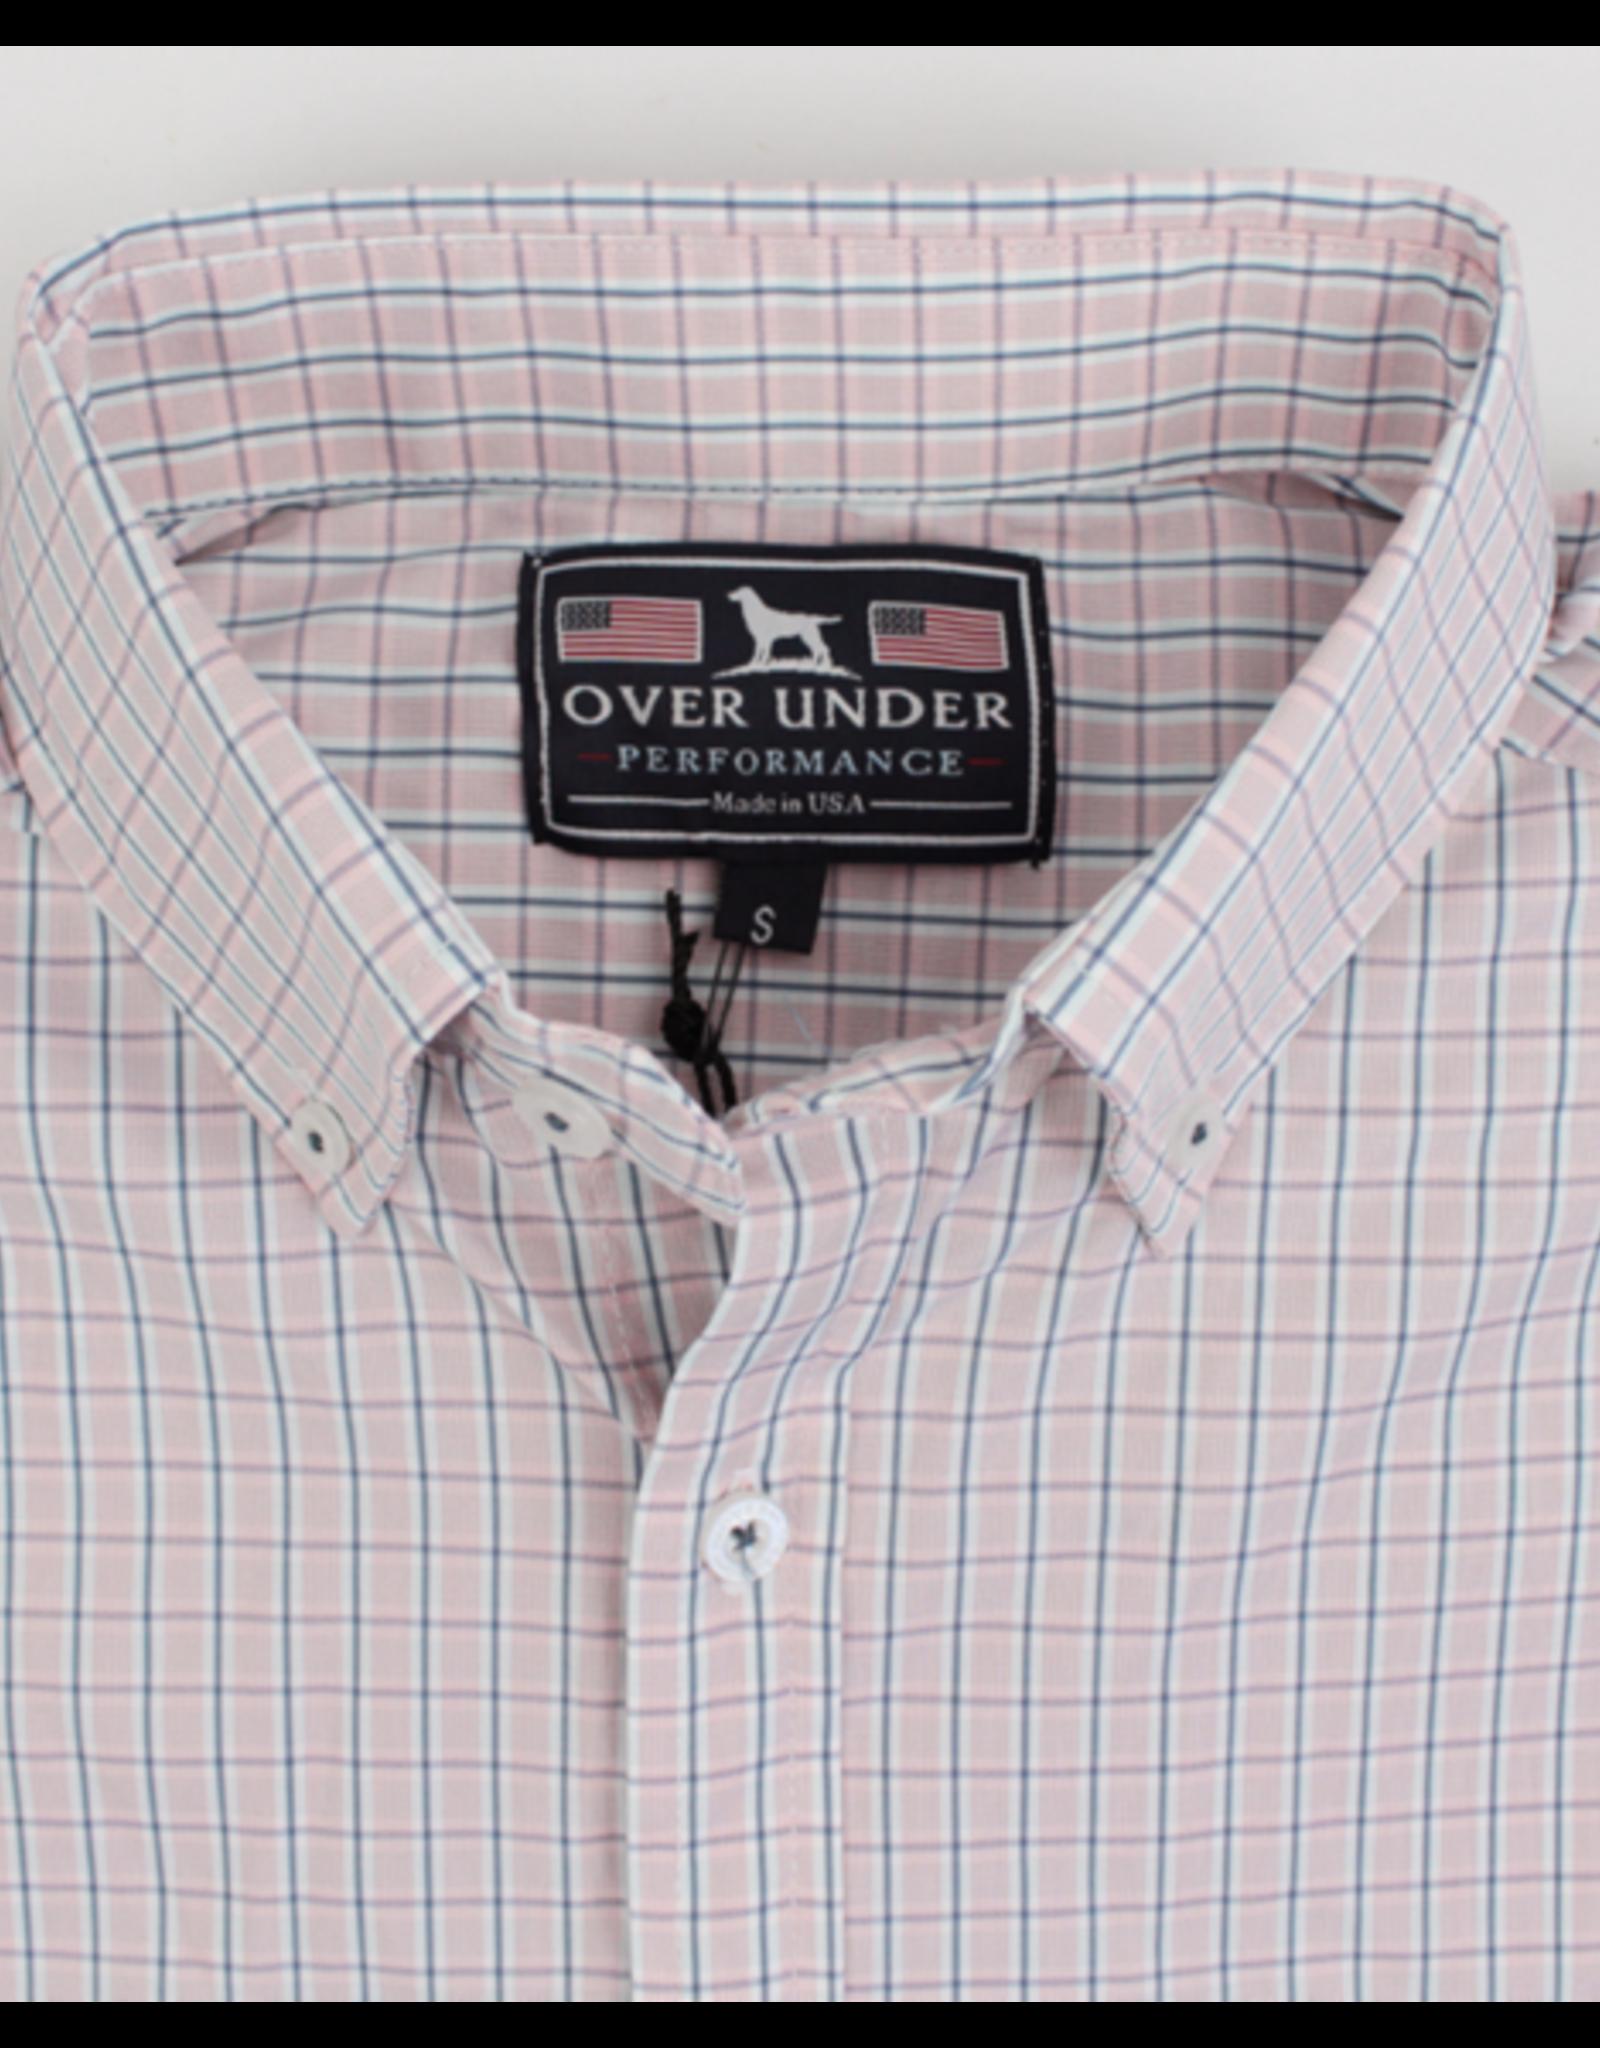 Over Under High Bluff Shirt